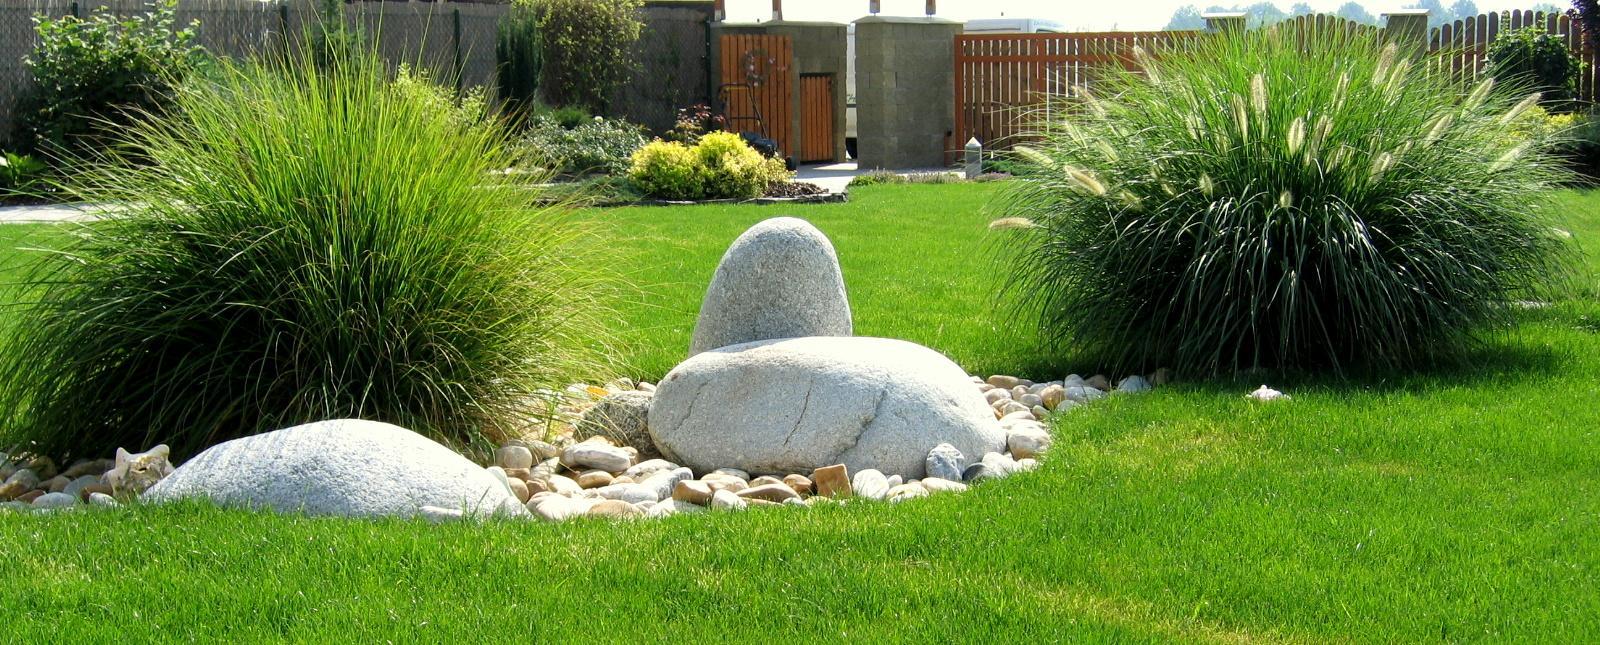 Nápady na zahradu - Obrázek č. 65